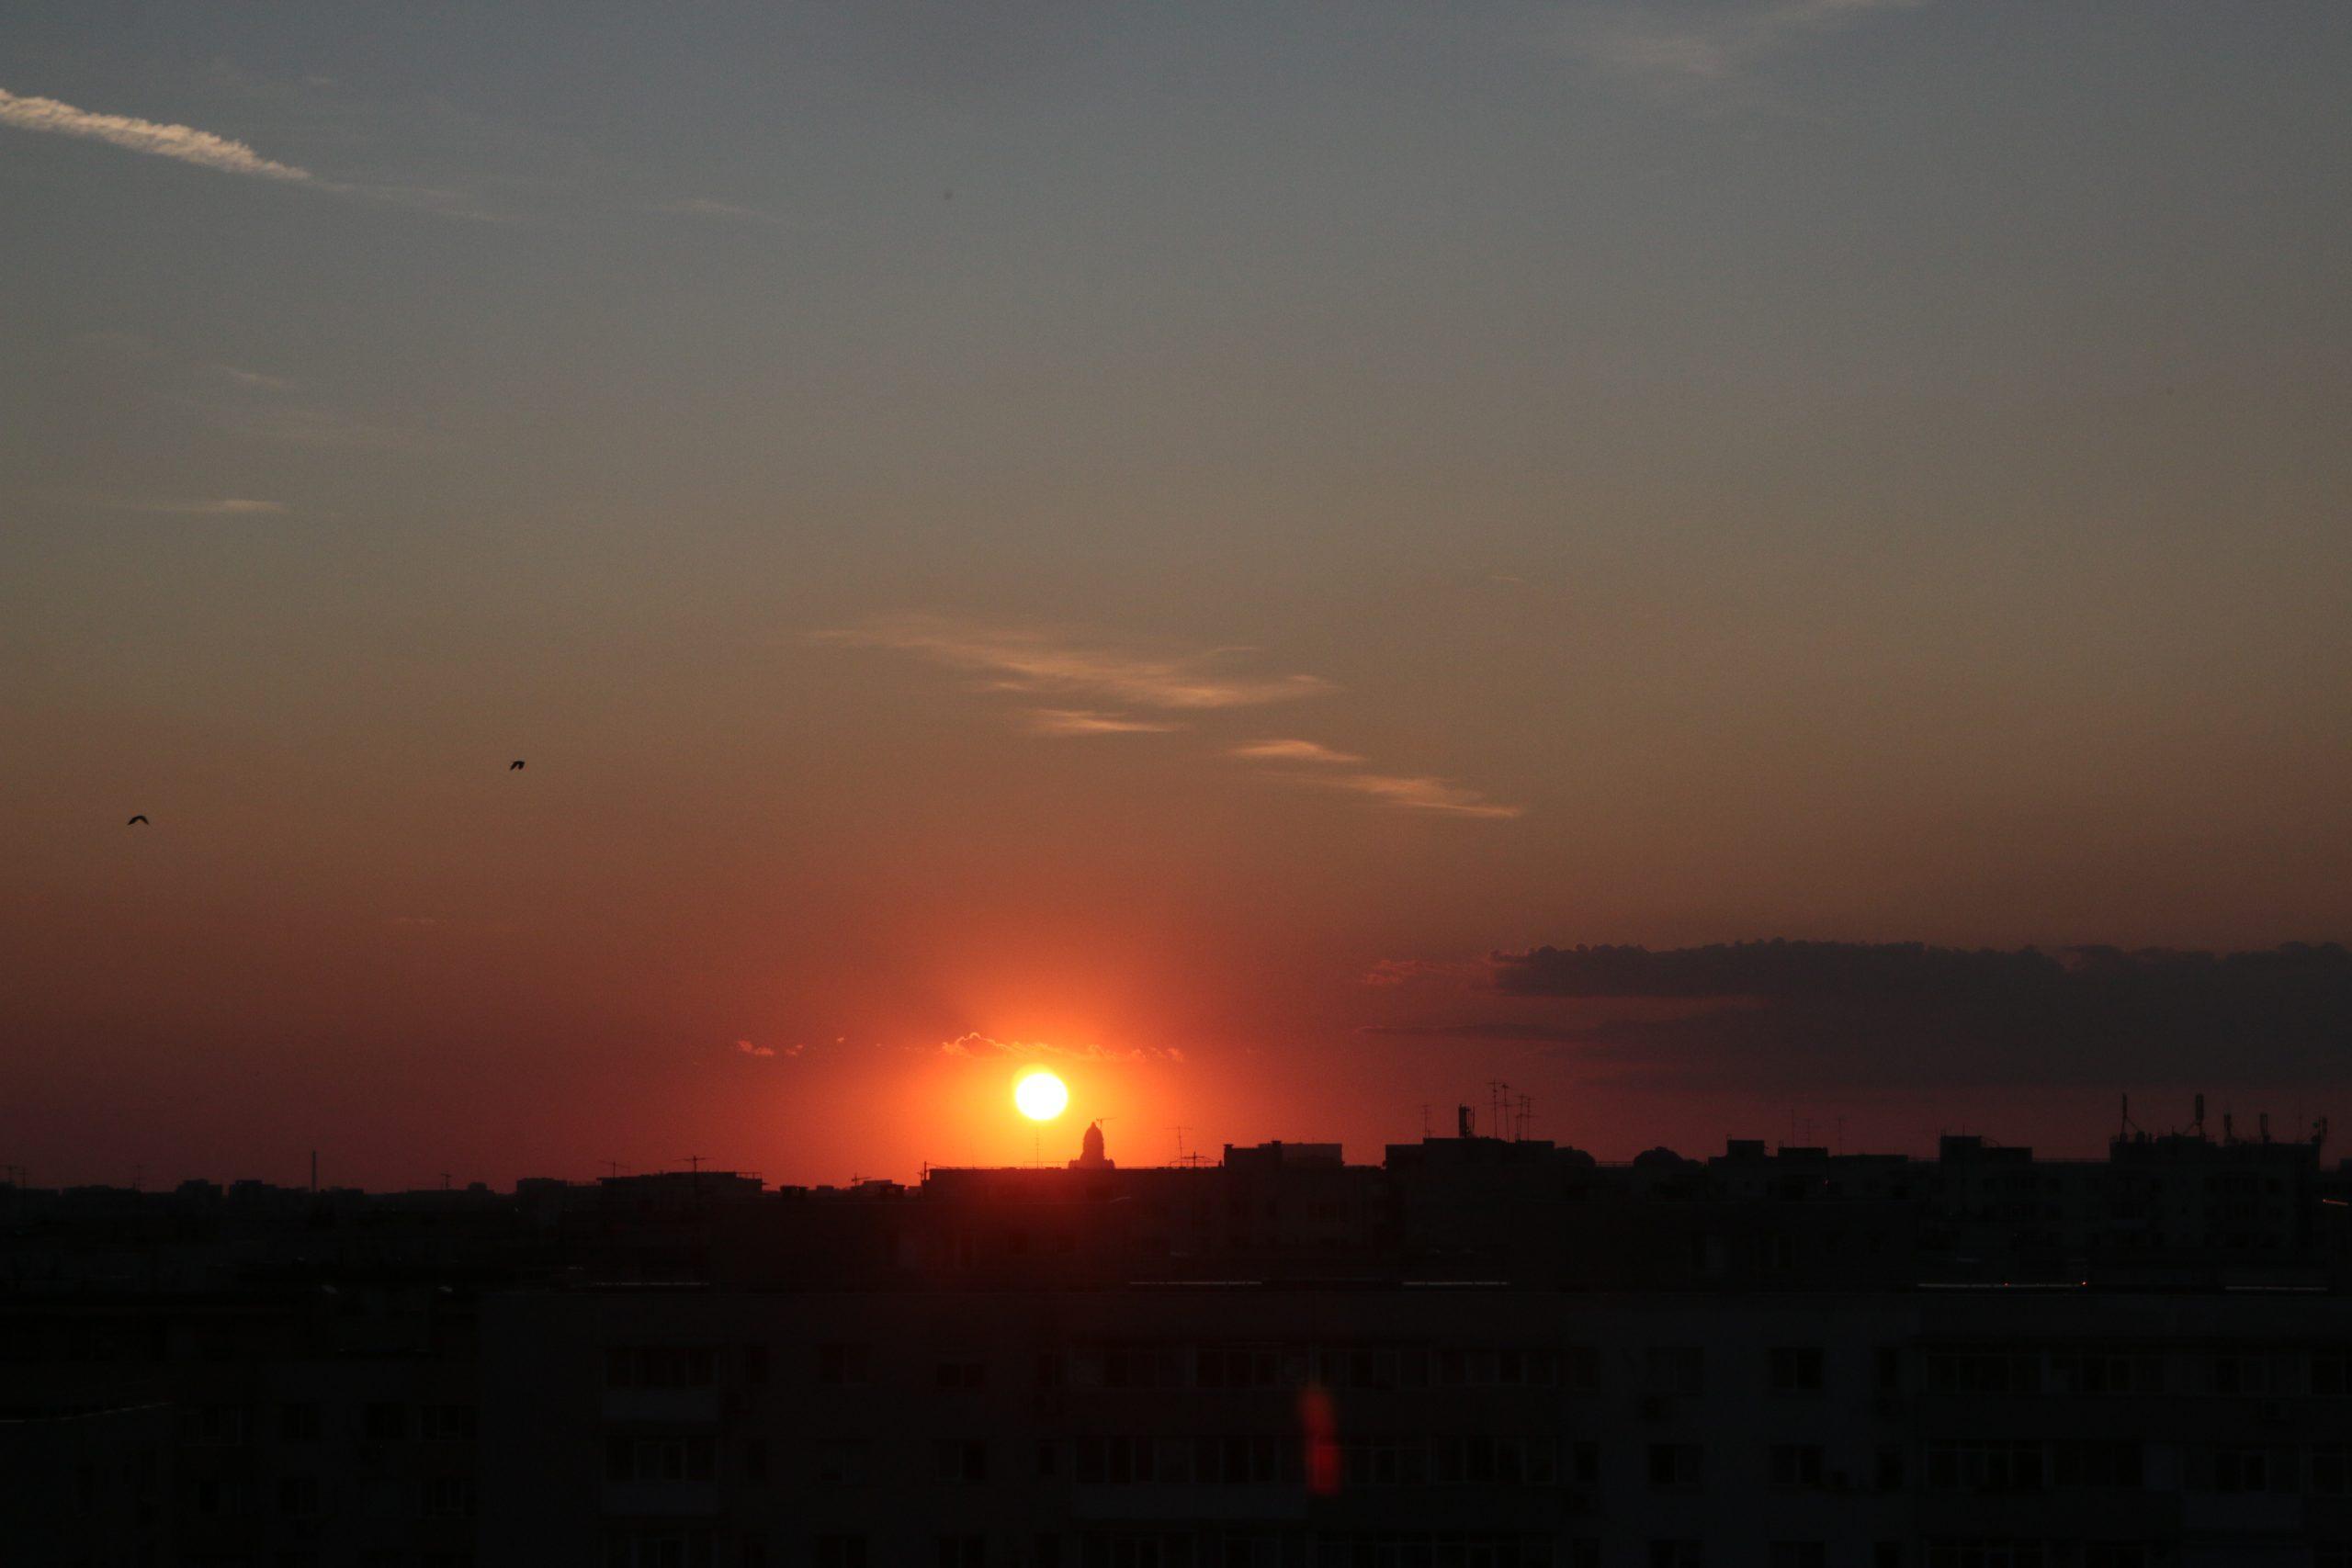 Prognoza meteo pentru București vine cu o veste bună! Vremea se încălzește și toamna frumoasă revine